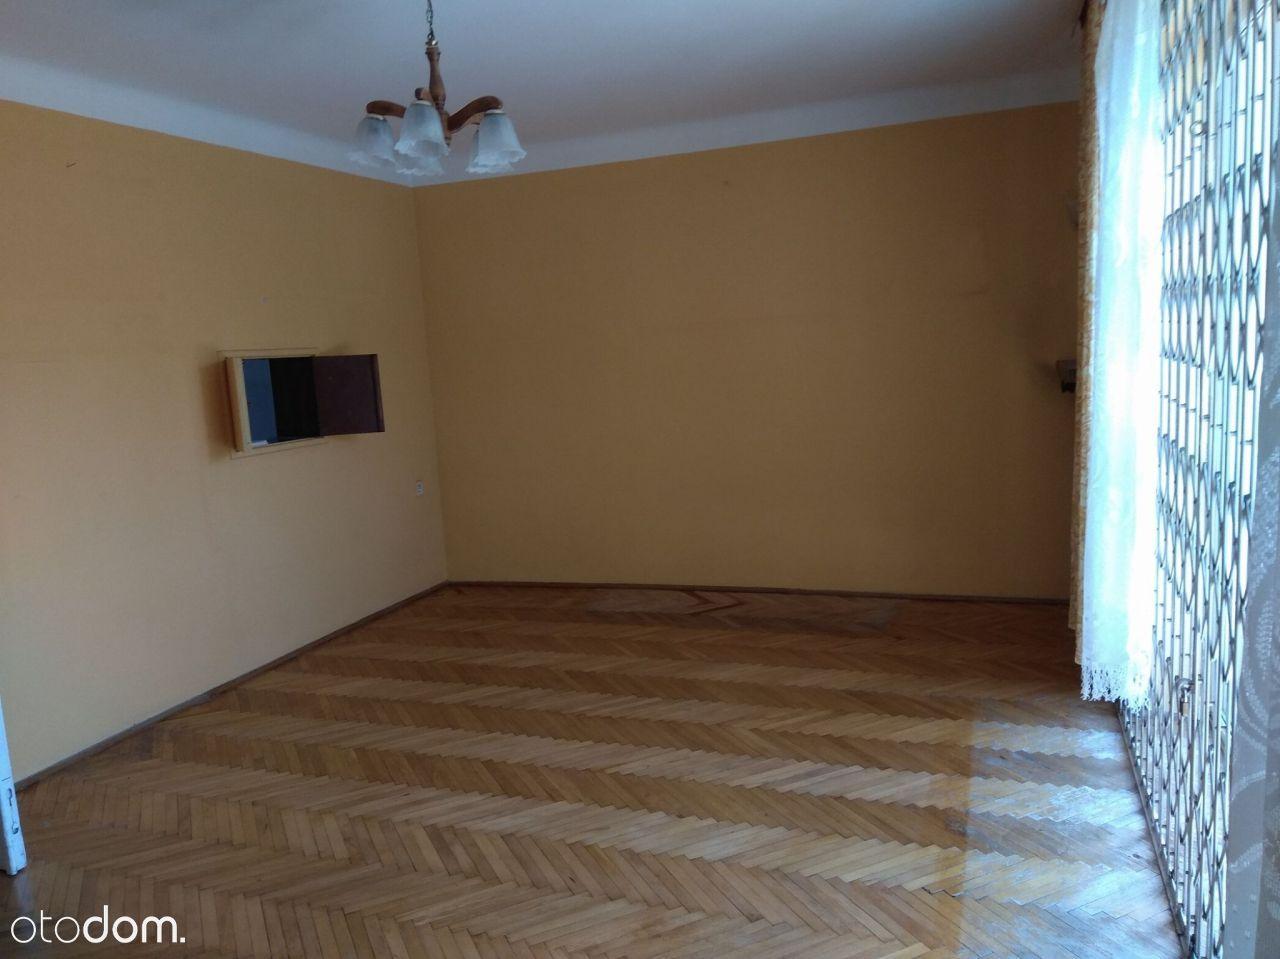 Dom na sprzedaż, Warszawa, Olszynka Grochowska - Foto 12